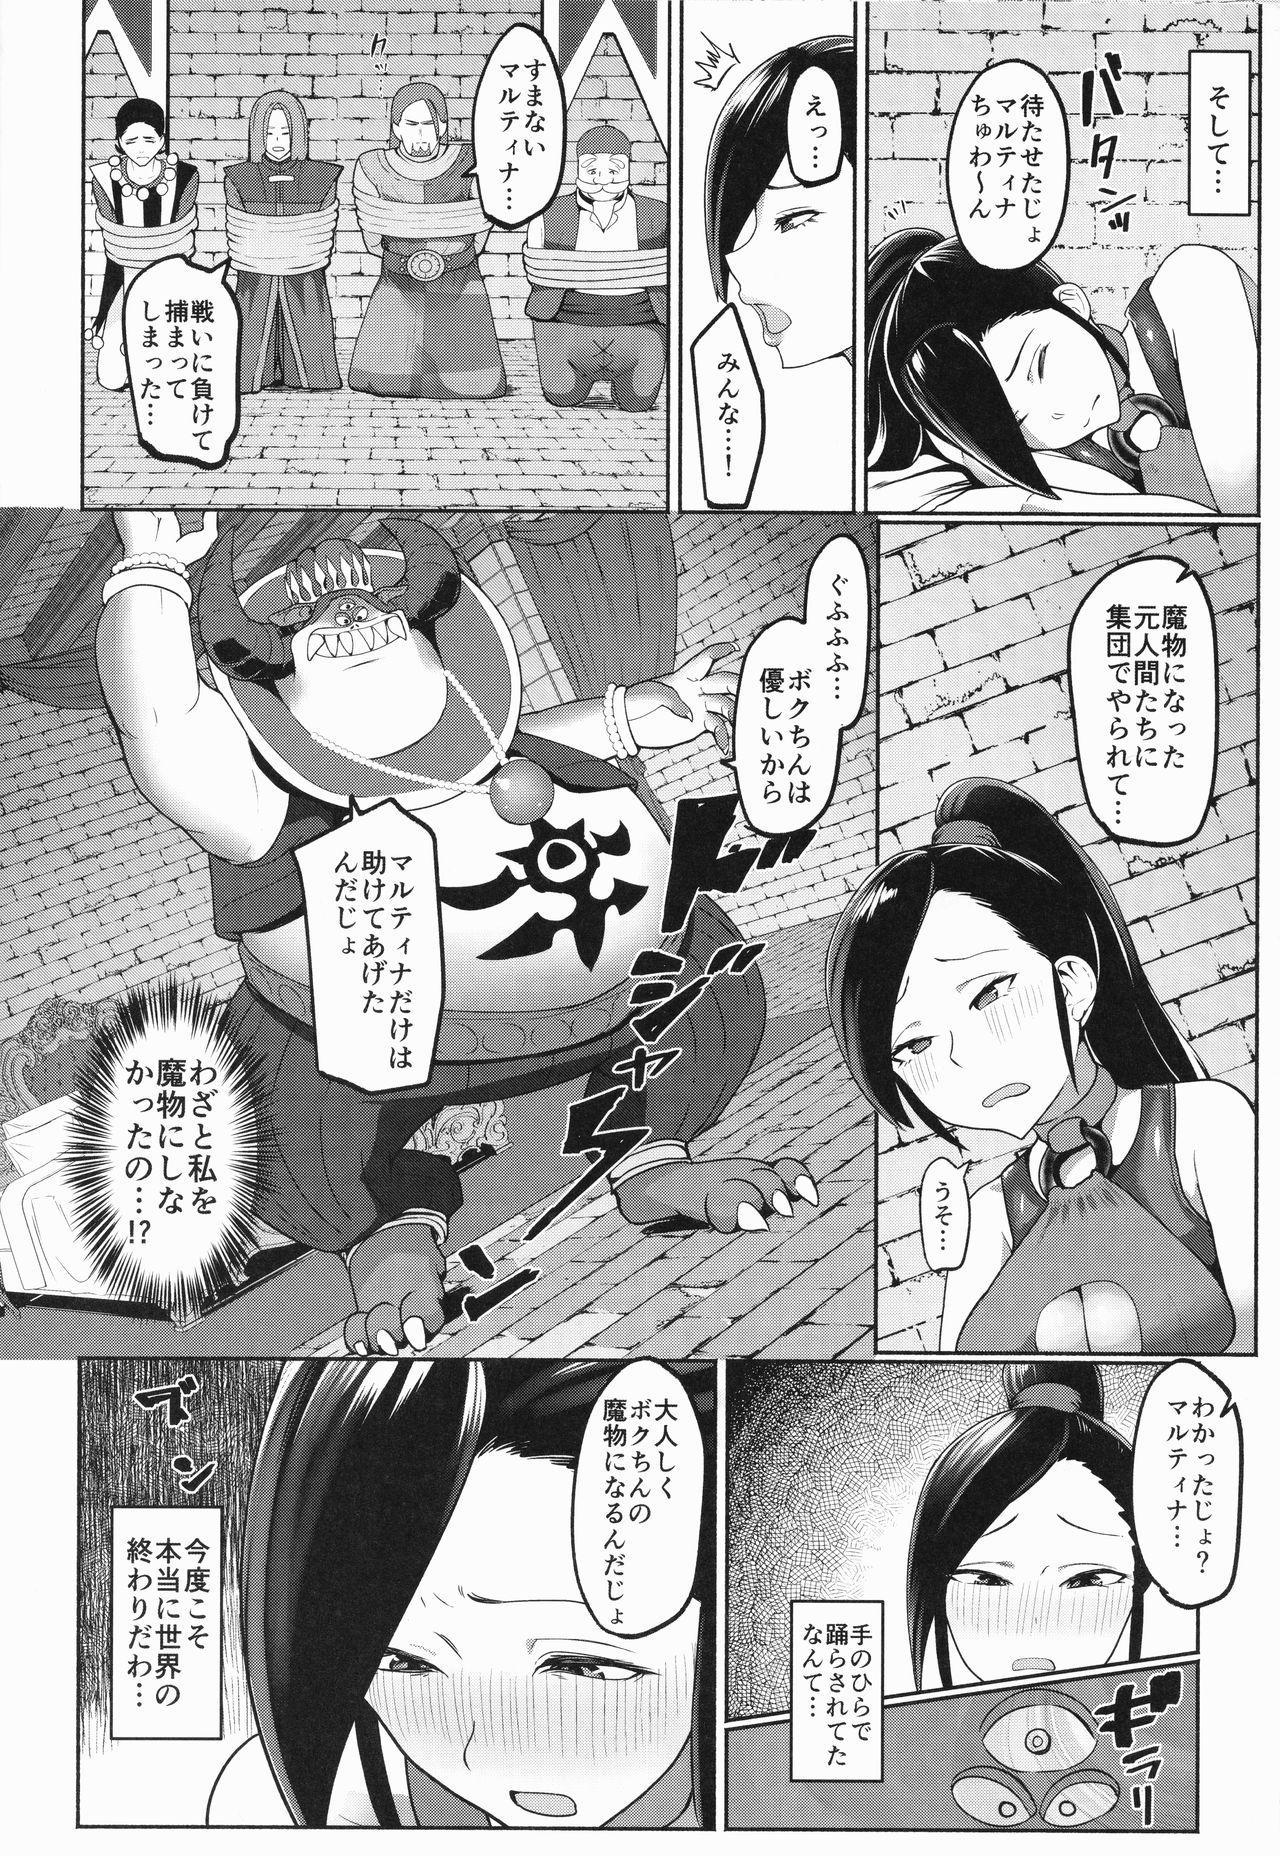 Martina ga Choukyou Sarete Akuochi Shichau Hon 10